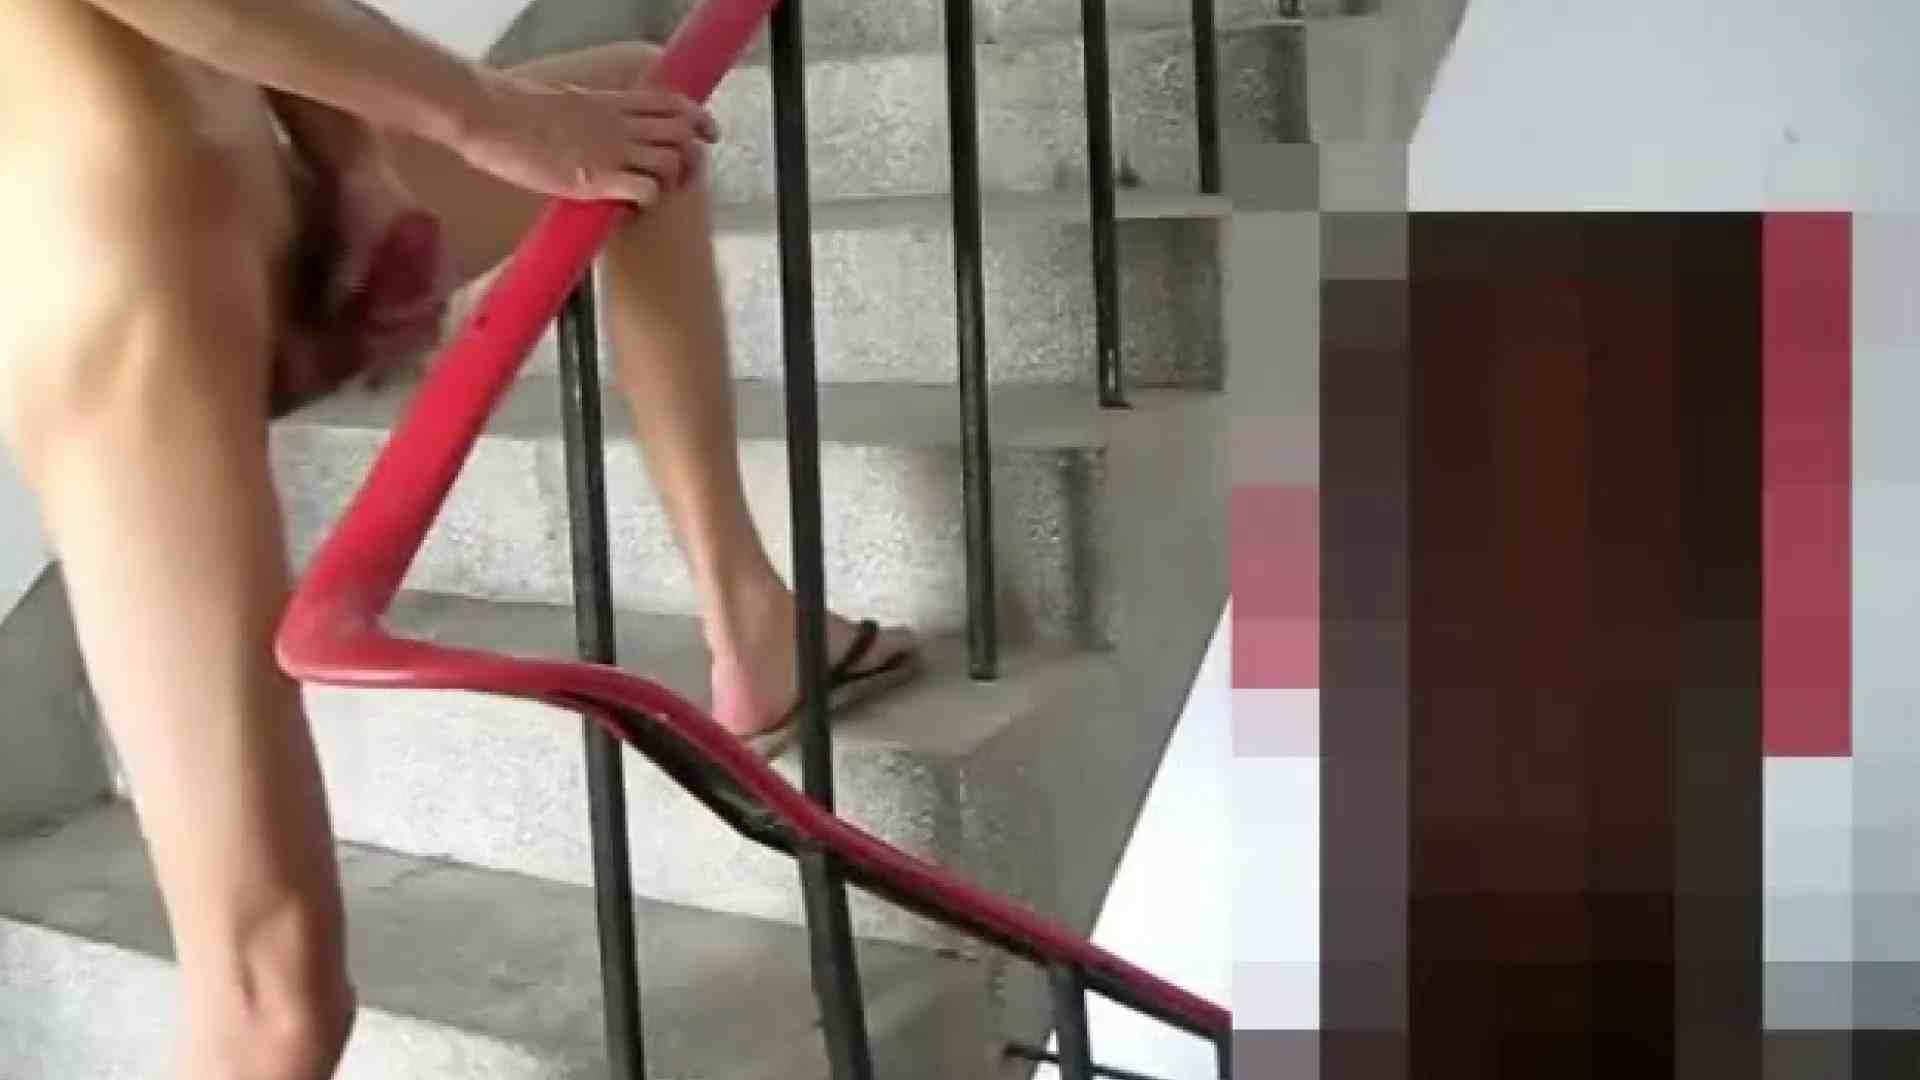 階段オナニー オナニー | モザイク無し アダルトビデオ画像キャプチャ 95pic 64